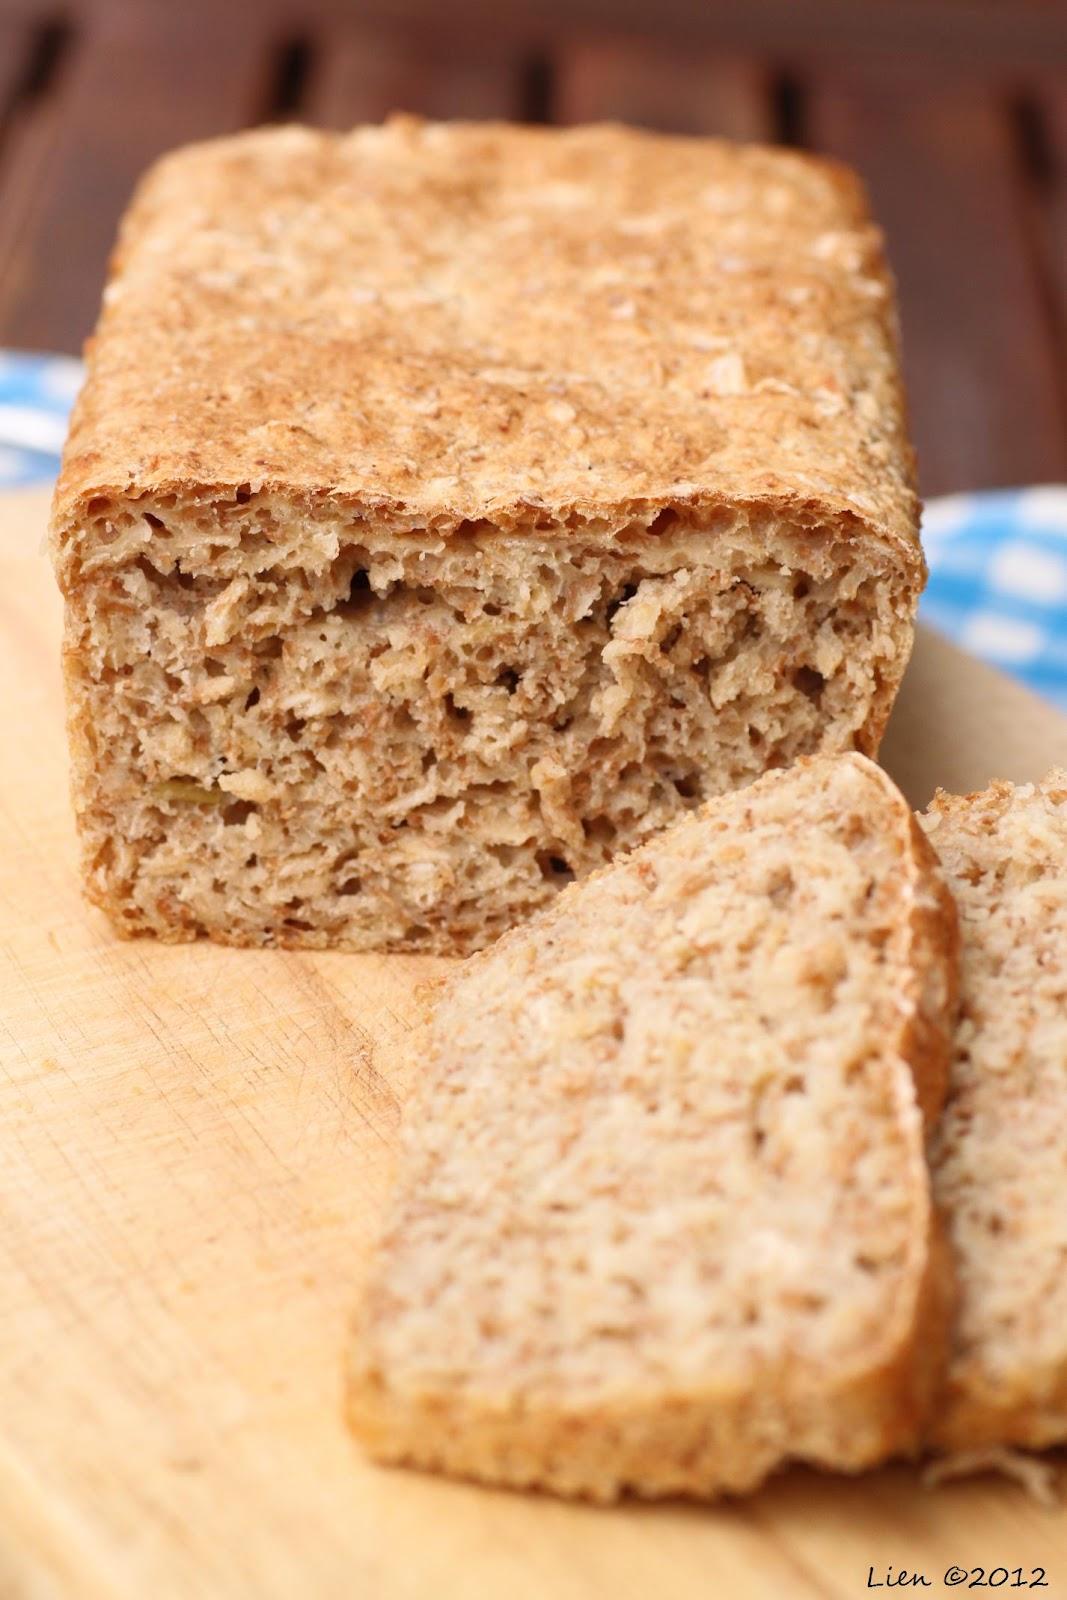 Notitie van Lien: Easy going Bread Baking Babes